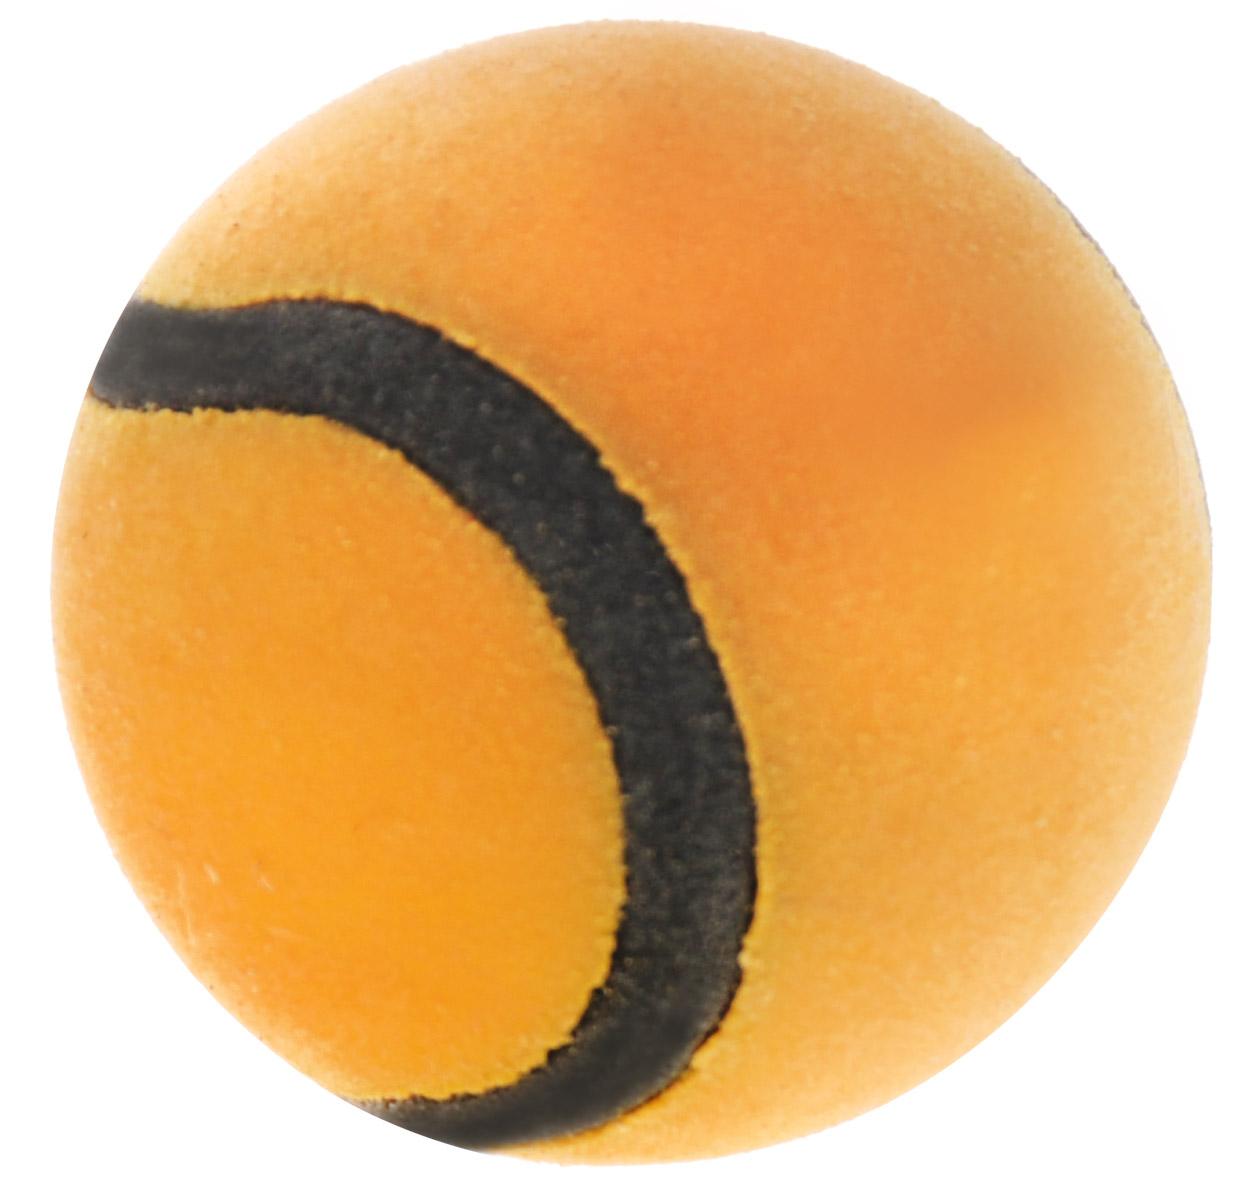 Brunnen Ластик Мячик теннисный цвет оранжевый72523WDЛастик Brunnen Мячик теннисный станет незаменимым аксессуаром на рабочем столе не только школьника или студента, но и офисного работника. Выполнен ластик в виде мяча оранжевого цвета. Он легко и без следа удаляет надписи, сделанные карандашом.